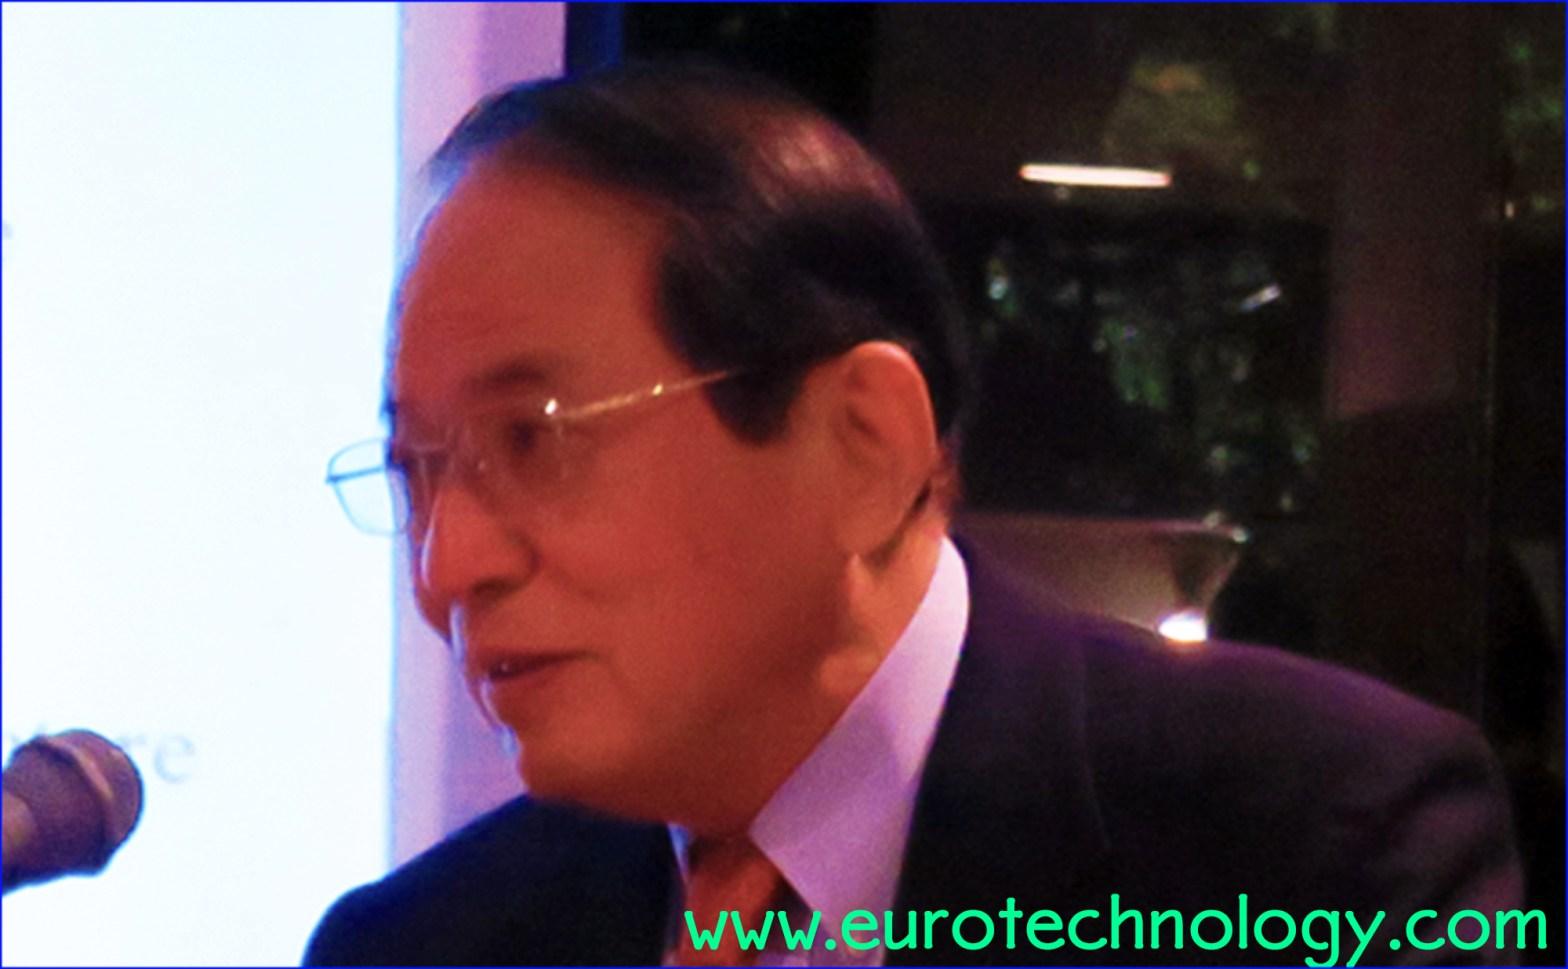 Masamoto Yashiro fasol.com